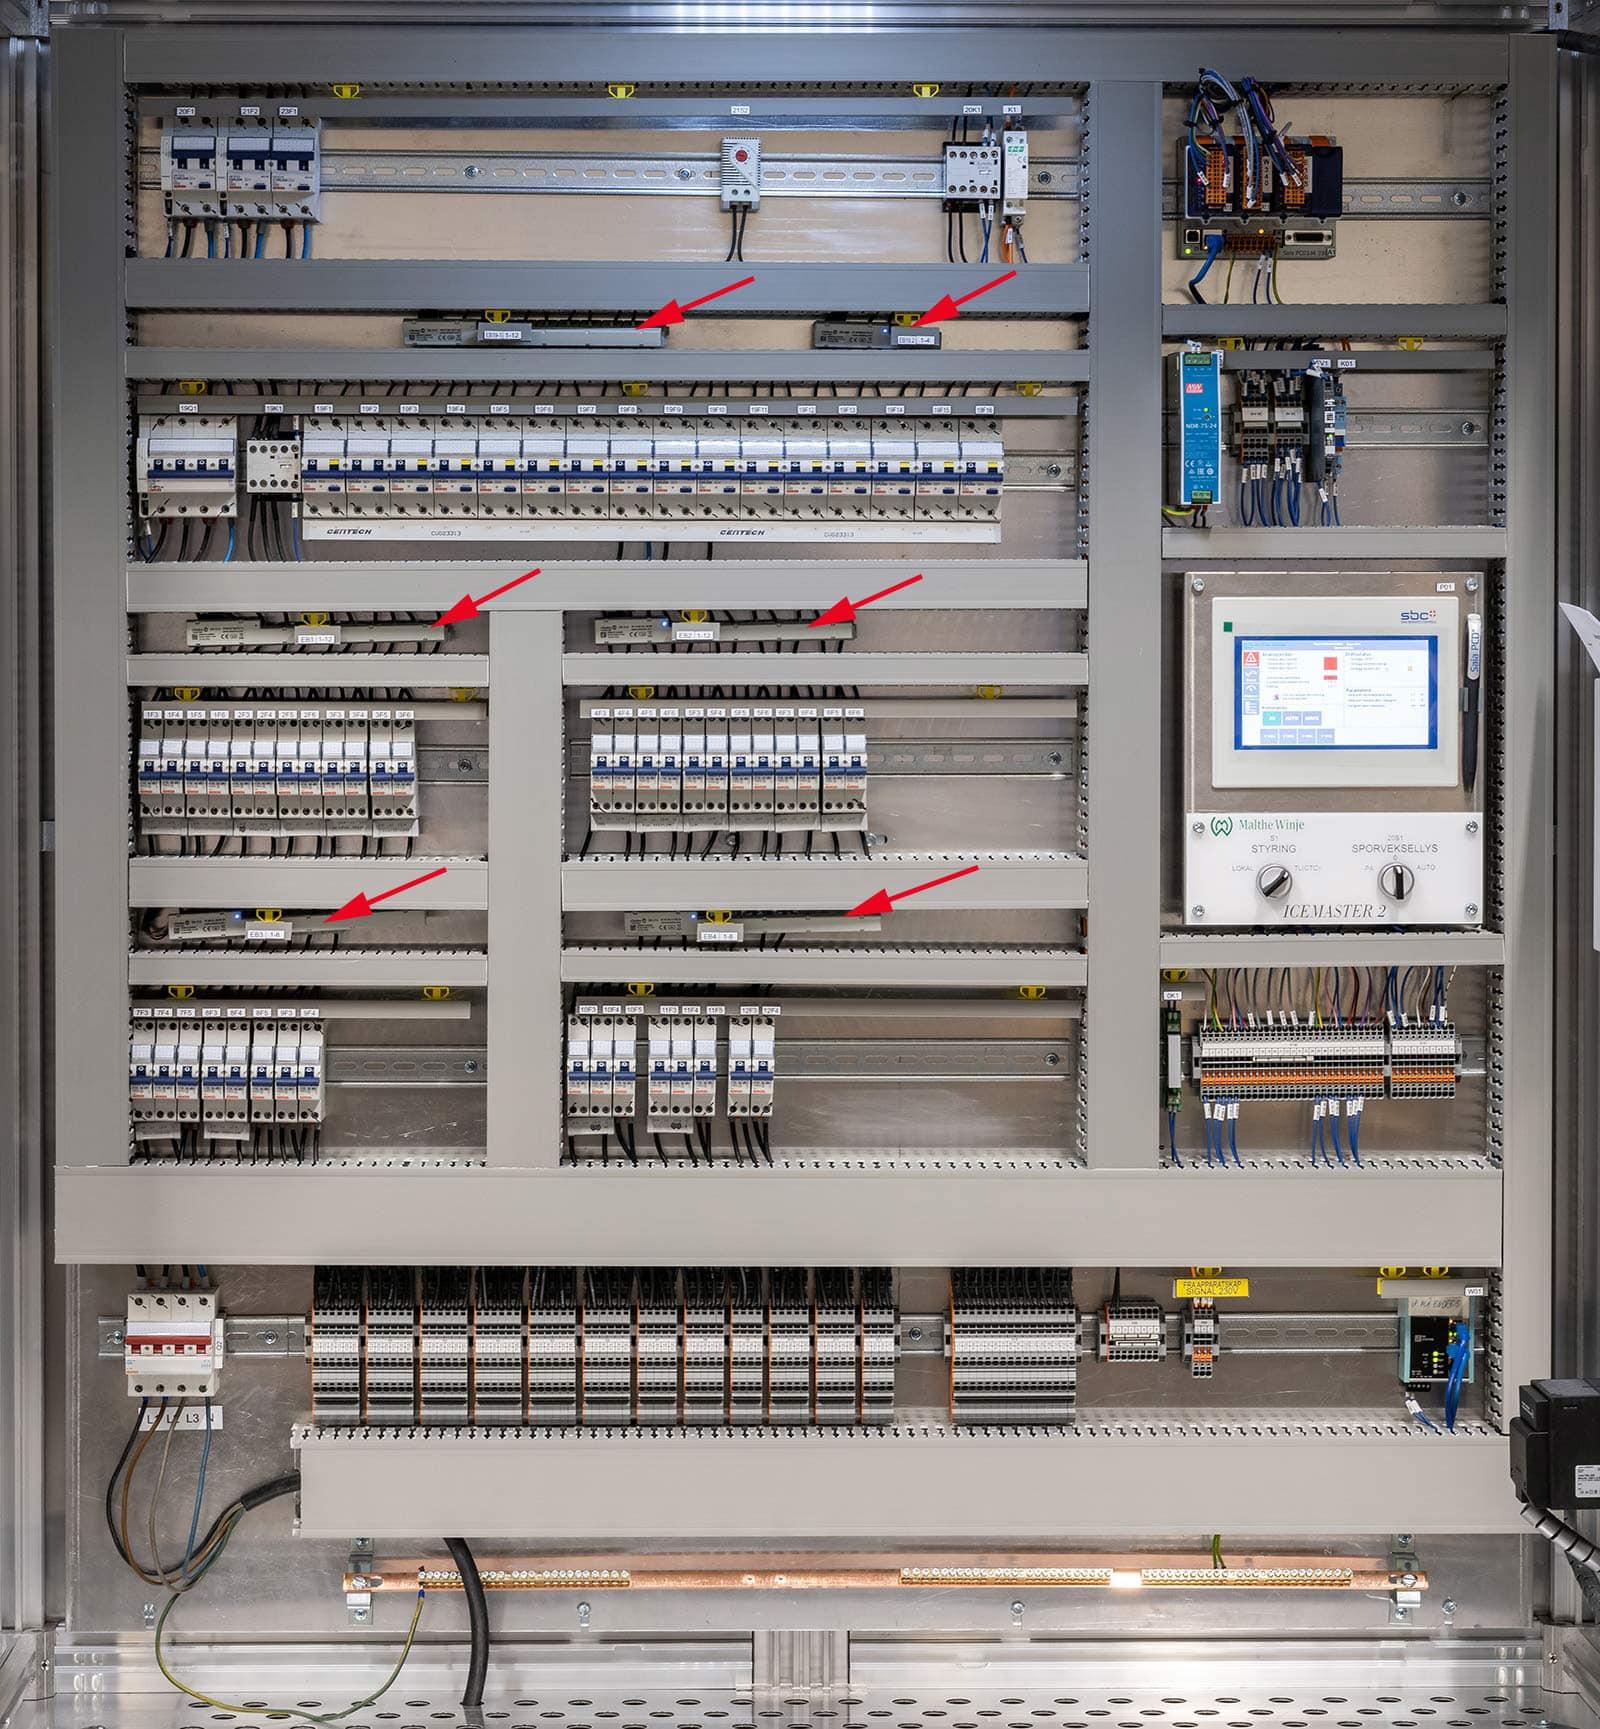 Power Bar EB i bruk. Pilene markerer hvor de er i skapet.